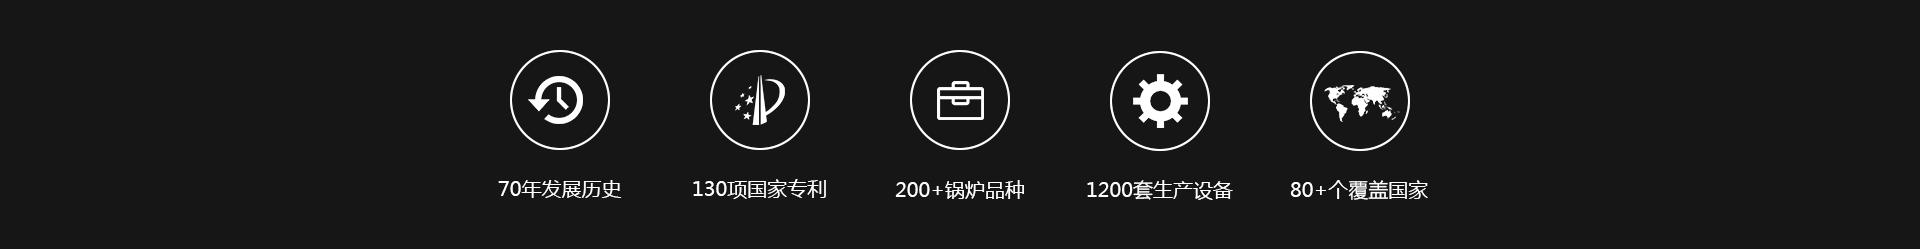 送彩金500的网站大白菜股份大门